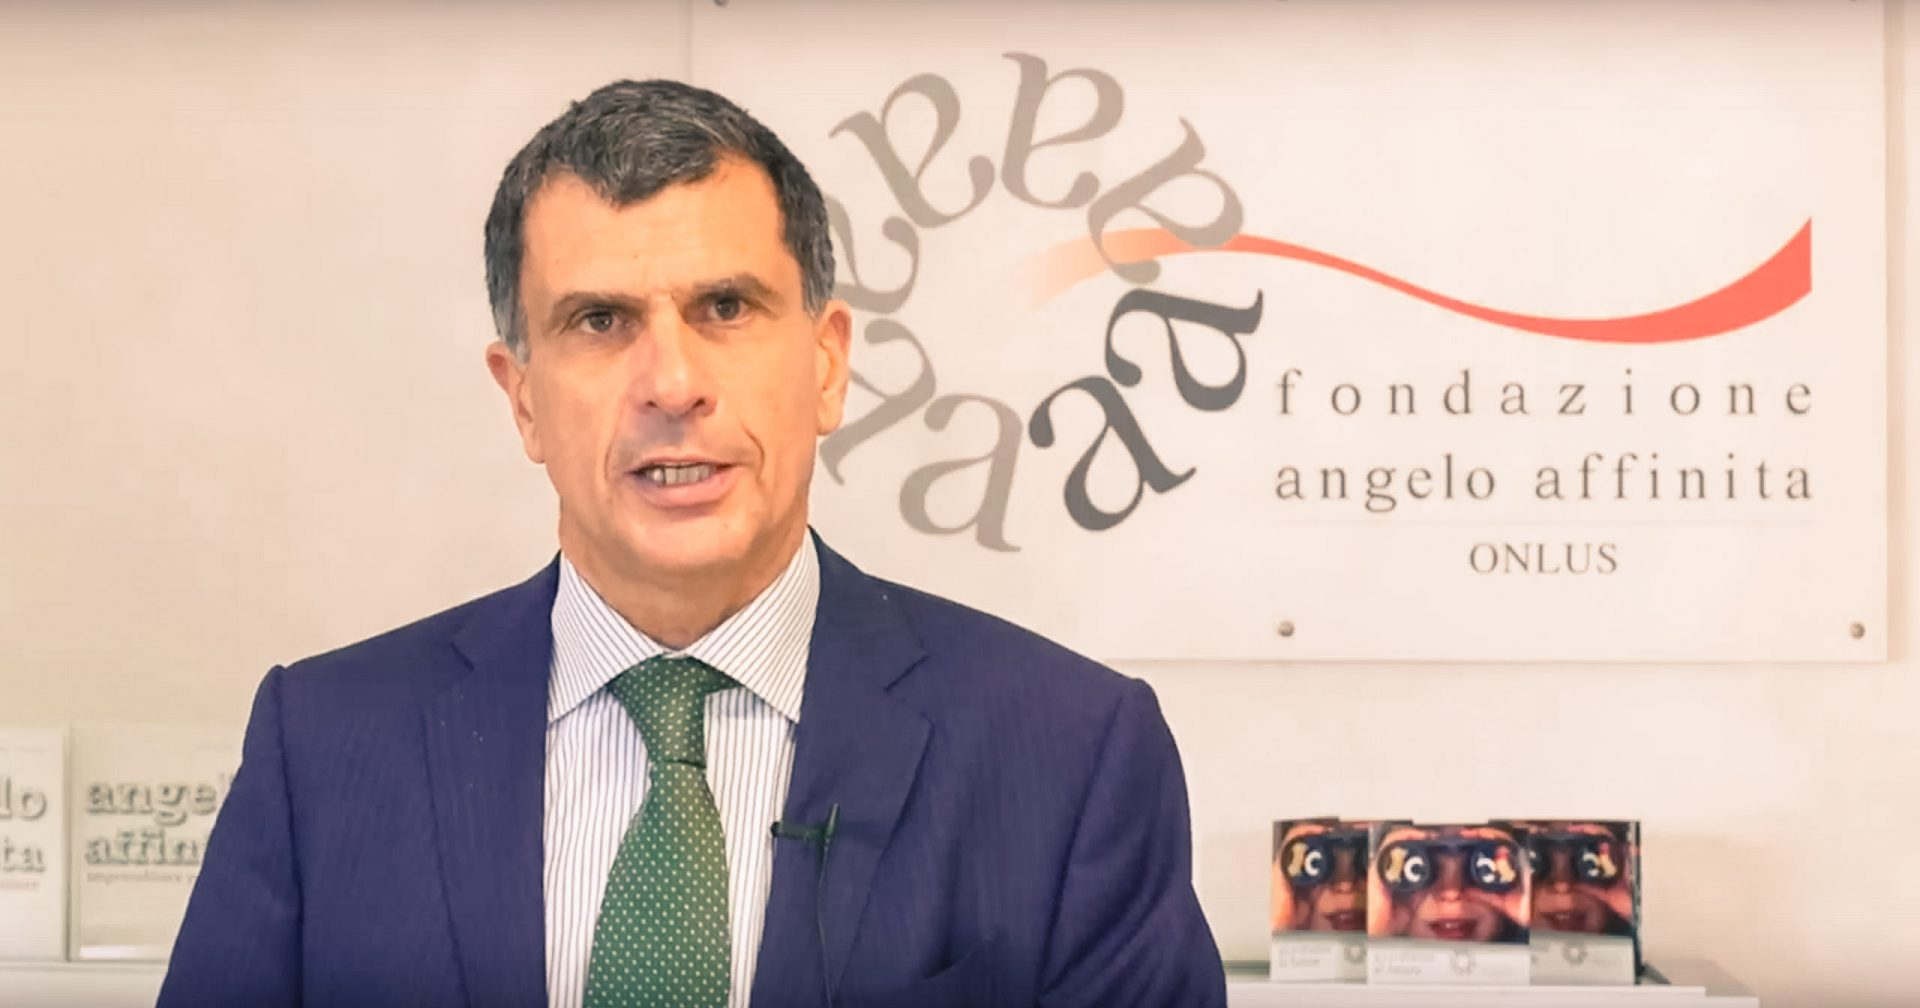 [Video testimonianza] Dove vanno a finire le tue donazioni alla Fondazione? Ascolta le parole di Vito Donatone, director di Banca Azimut - Fondazione Angelo Affinita